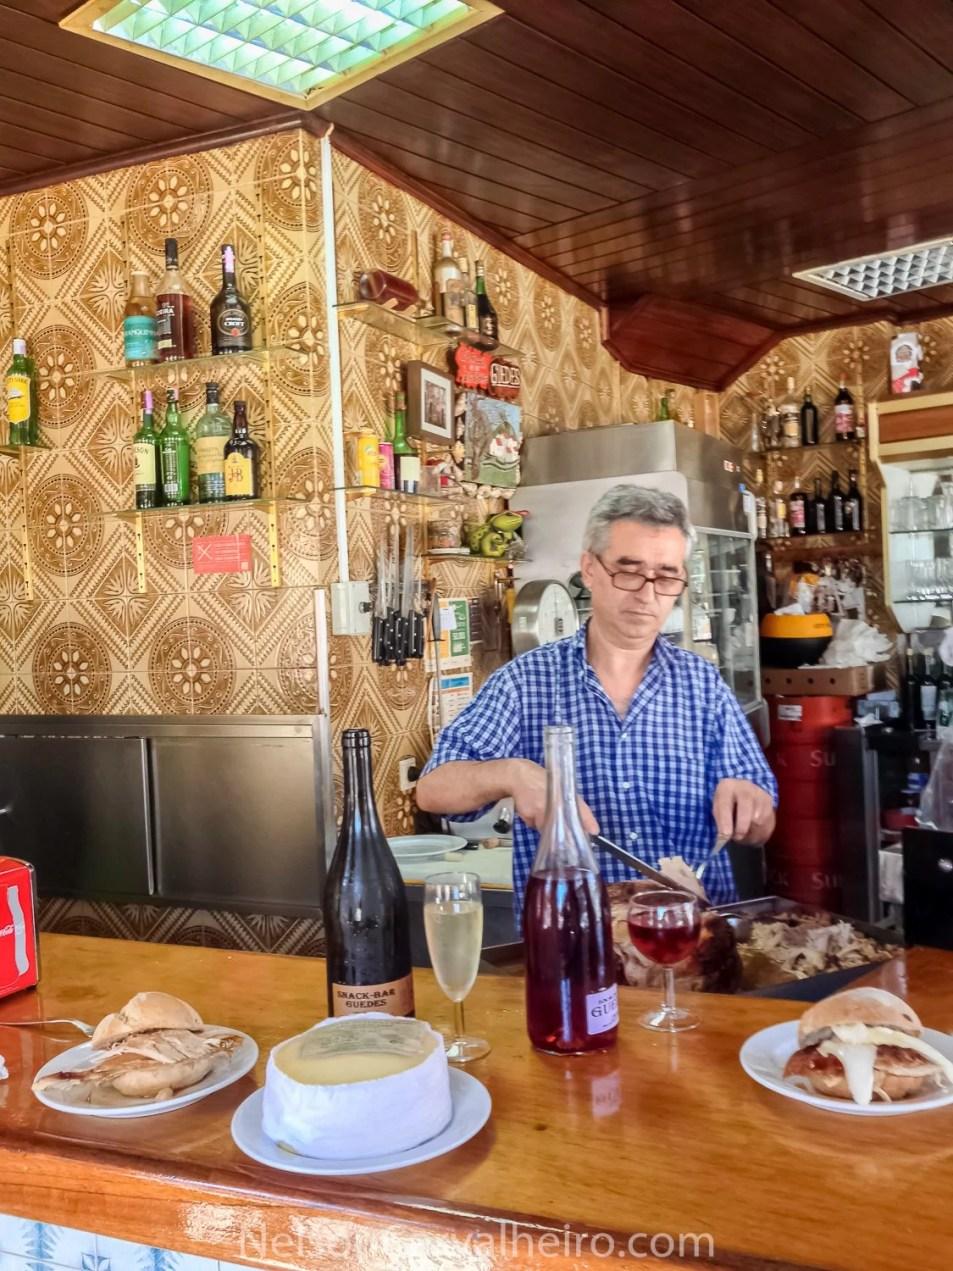 Nelson_Carvalheiro_Portugal_Travel_Cookbook (47)